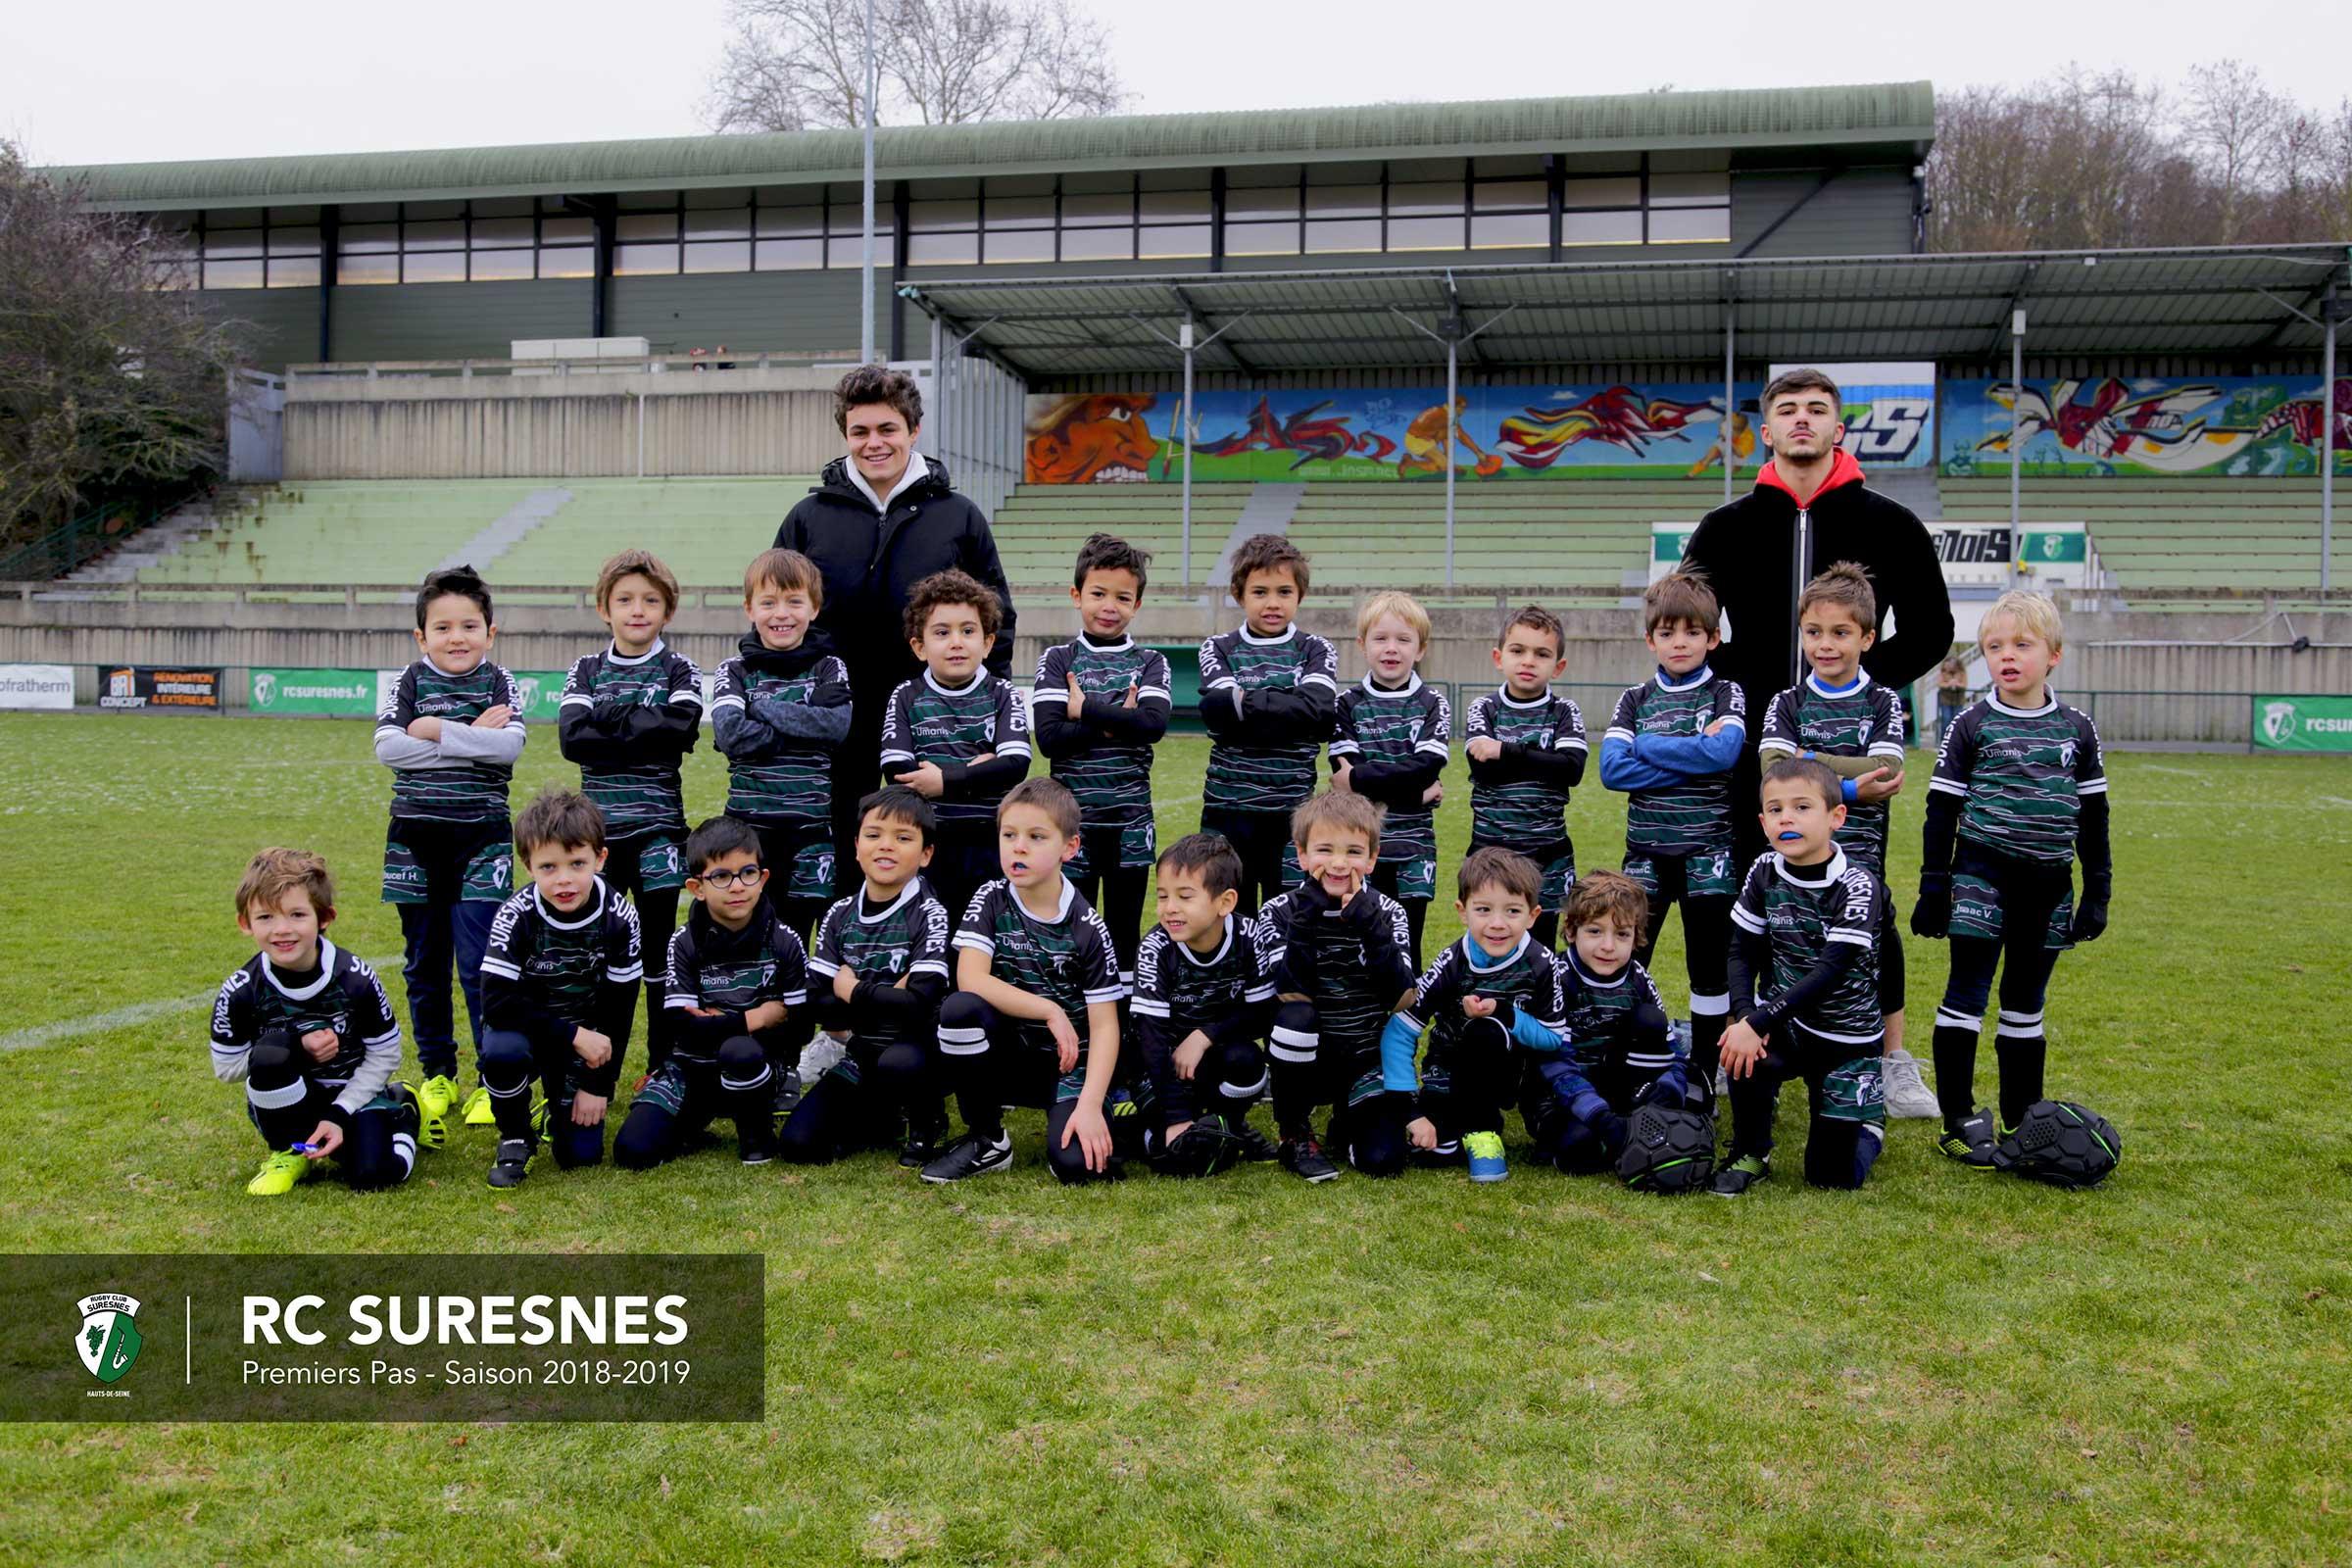 Les Premiers Pas du Rugby Club Suresnes Hauts-de-Seine / Saison 2018-2019